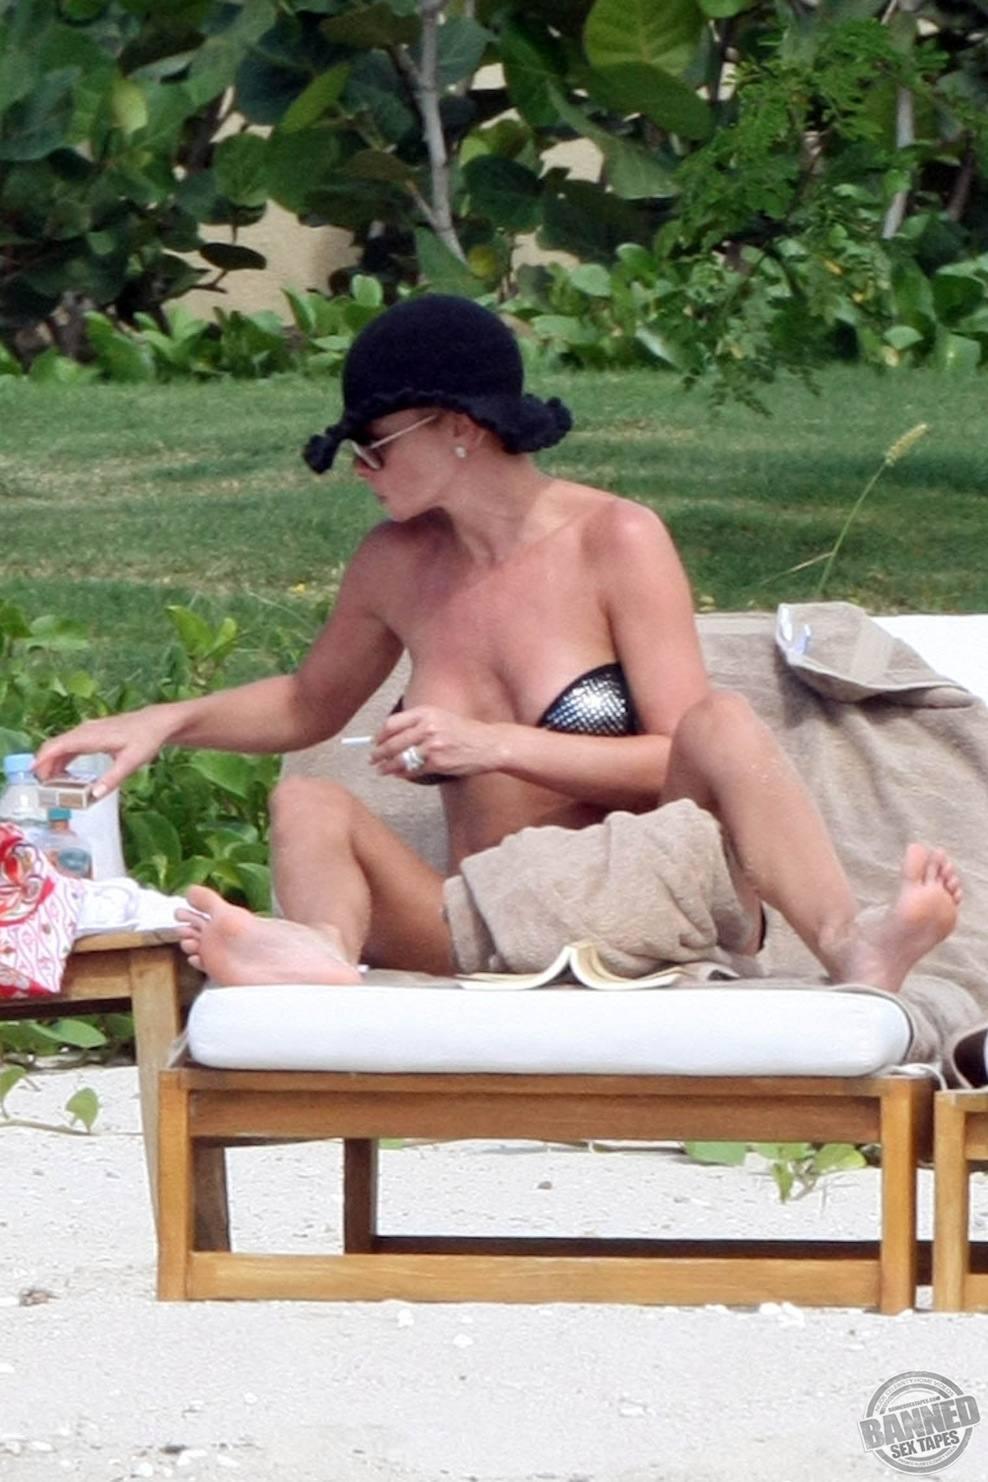 Jaime Pressly Nude Pictures: www.mrnudes.com/bannedsextapes/jaime-pressly